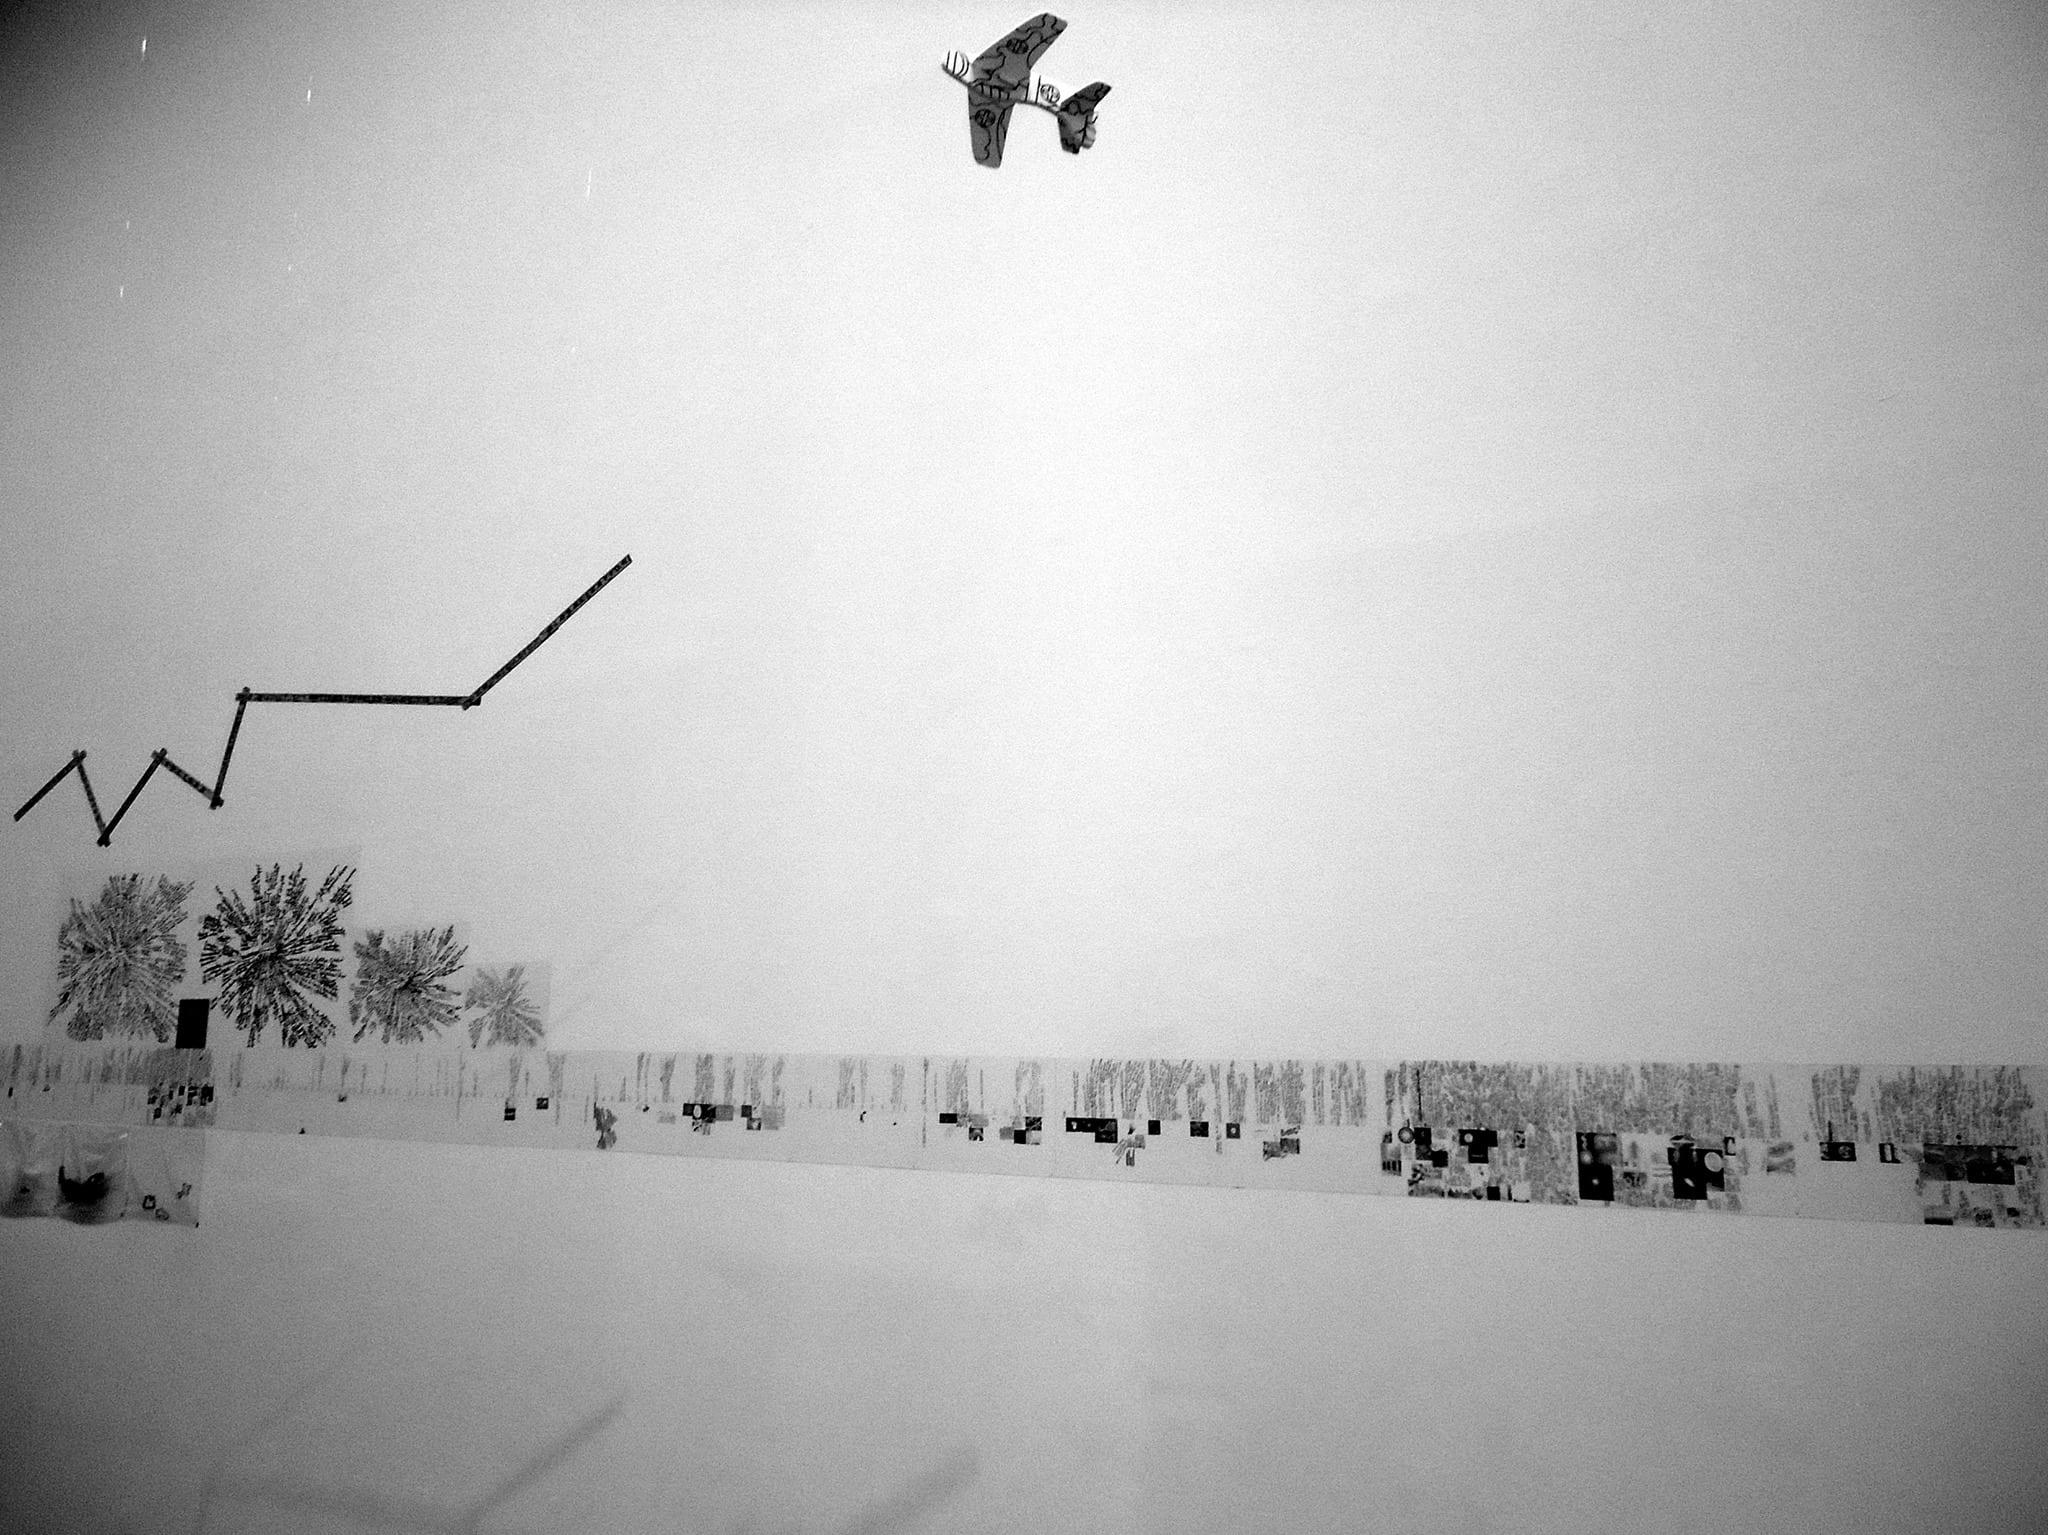 Vernisajul expoziției Lia Perjovschi: Timeline cu martori @ Ivan Gallery